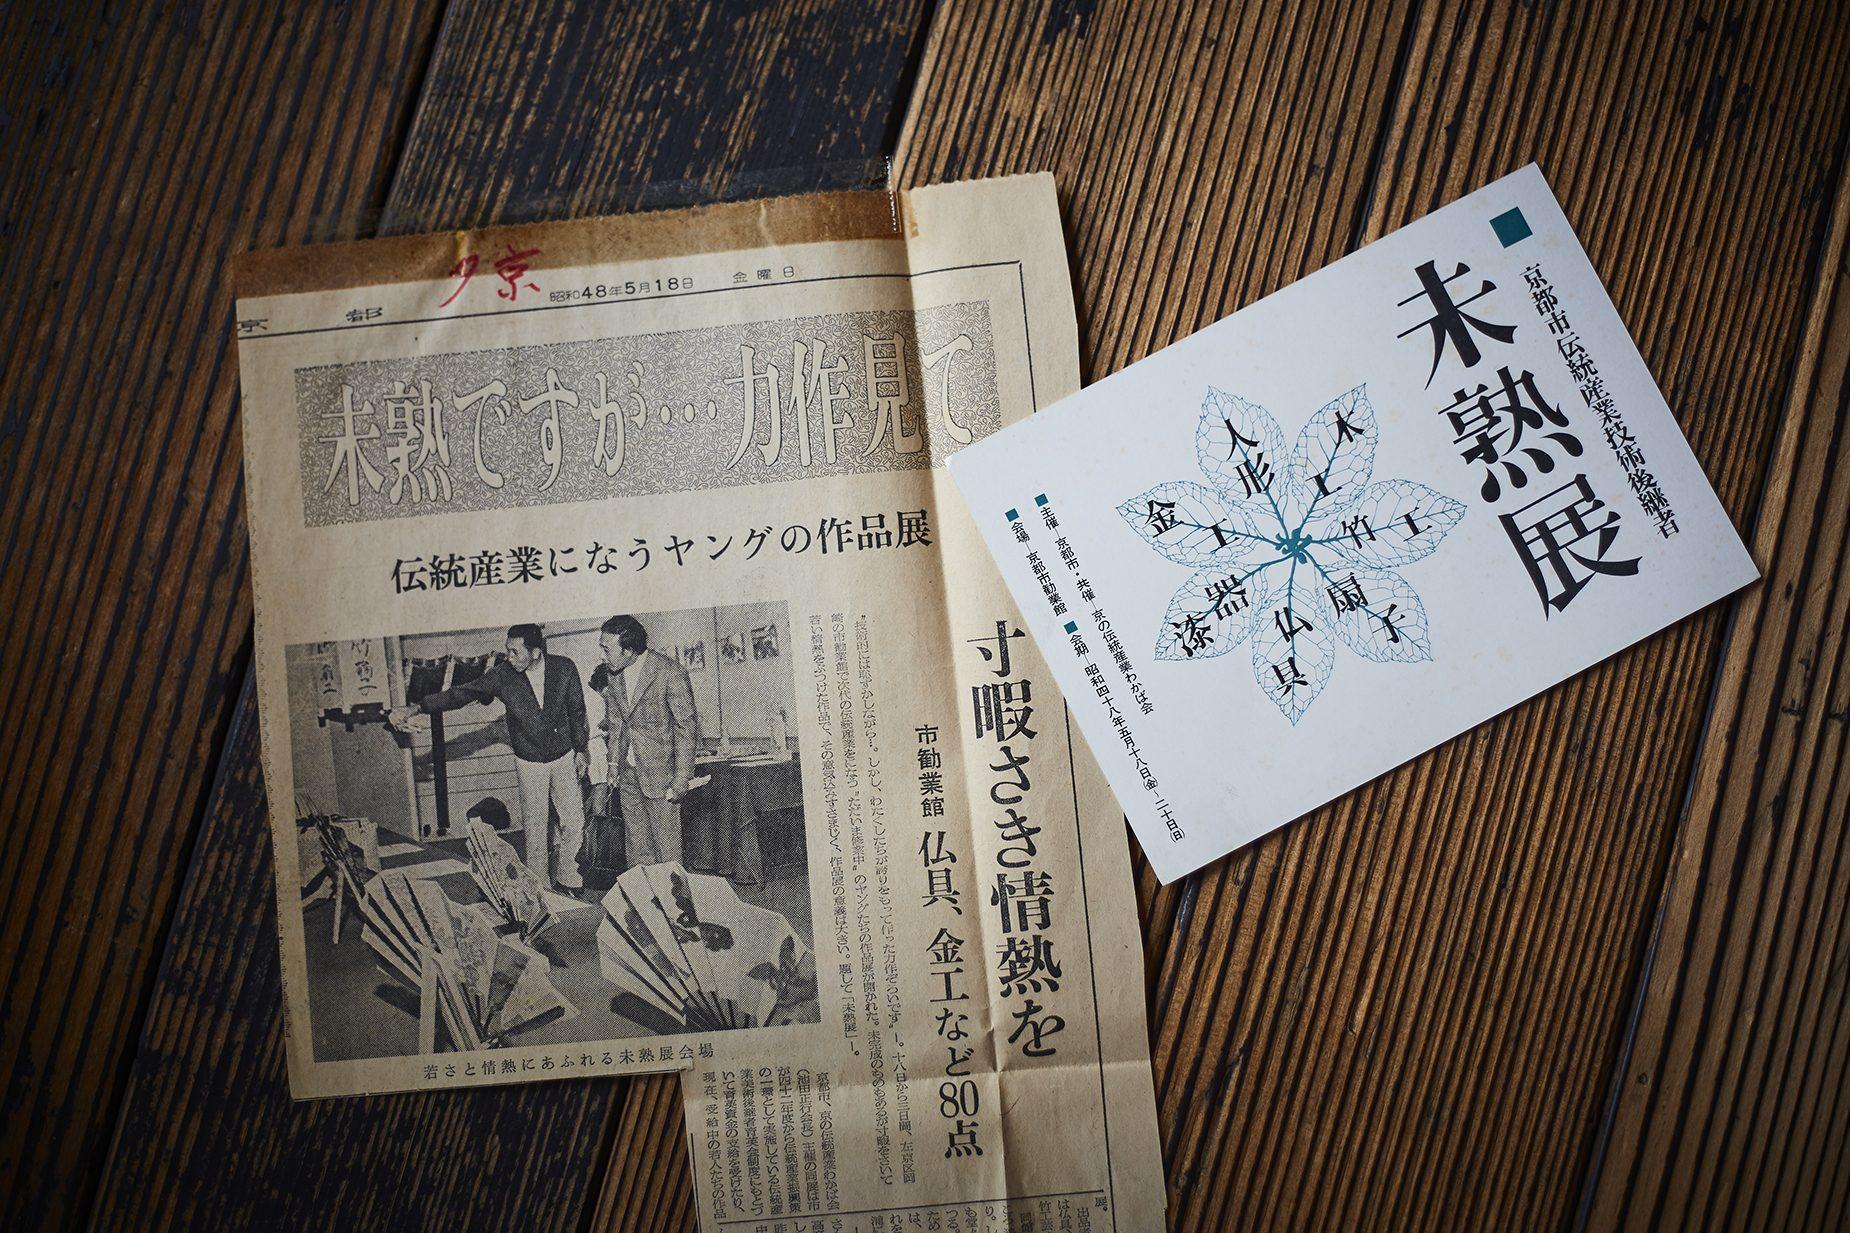 わかば会第1回展覧会『未熟展』のDMと新聞記事